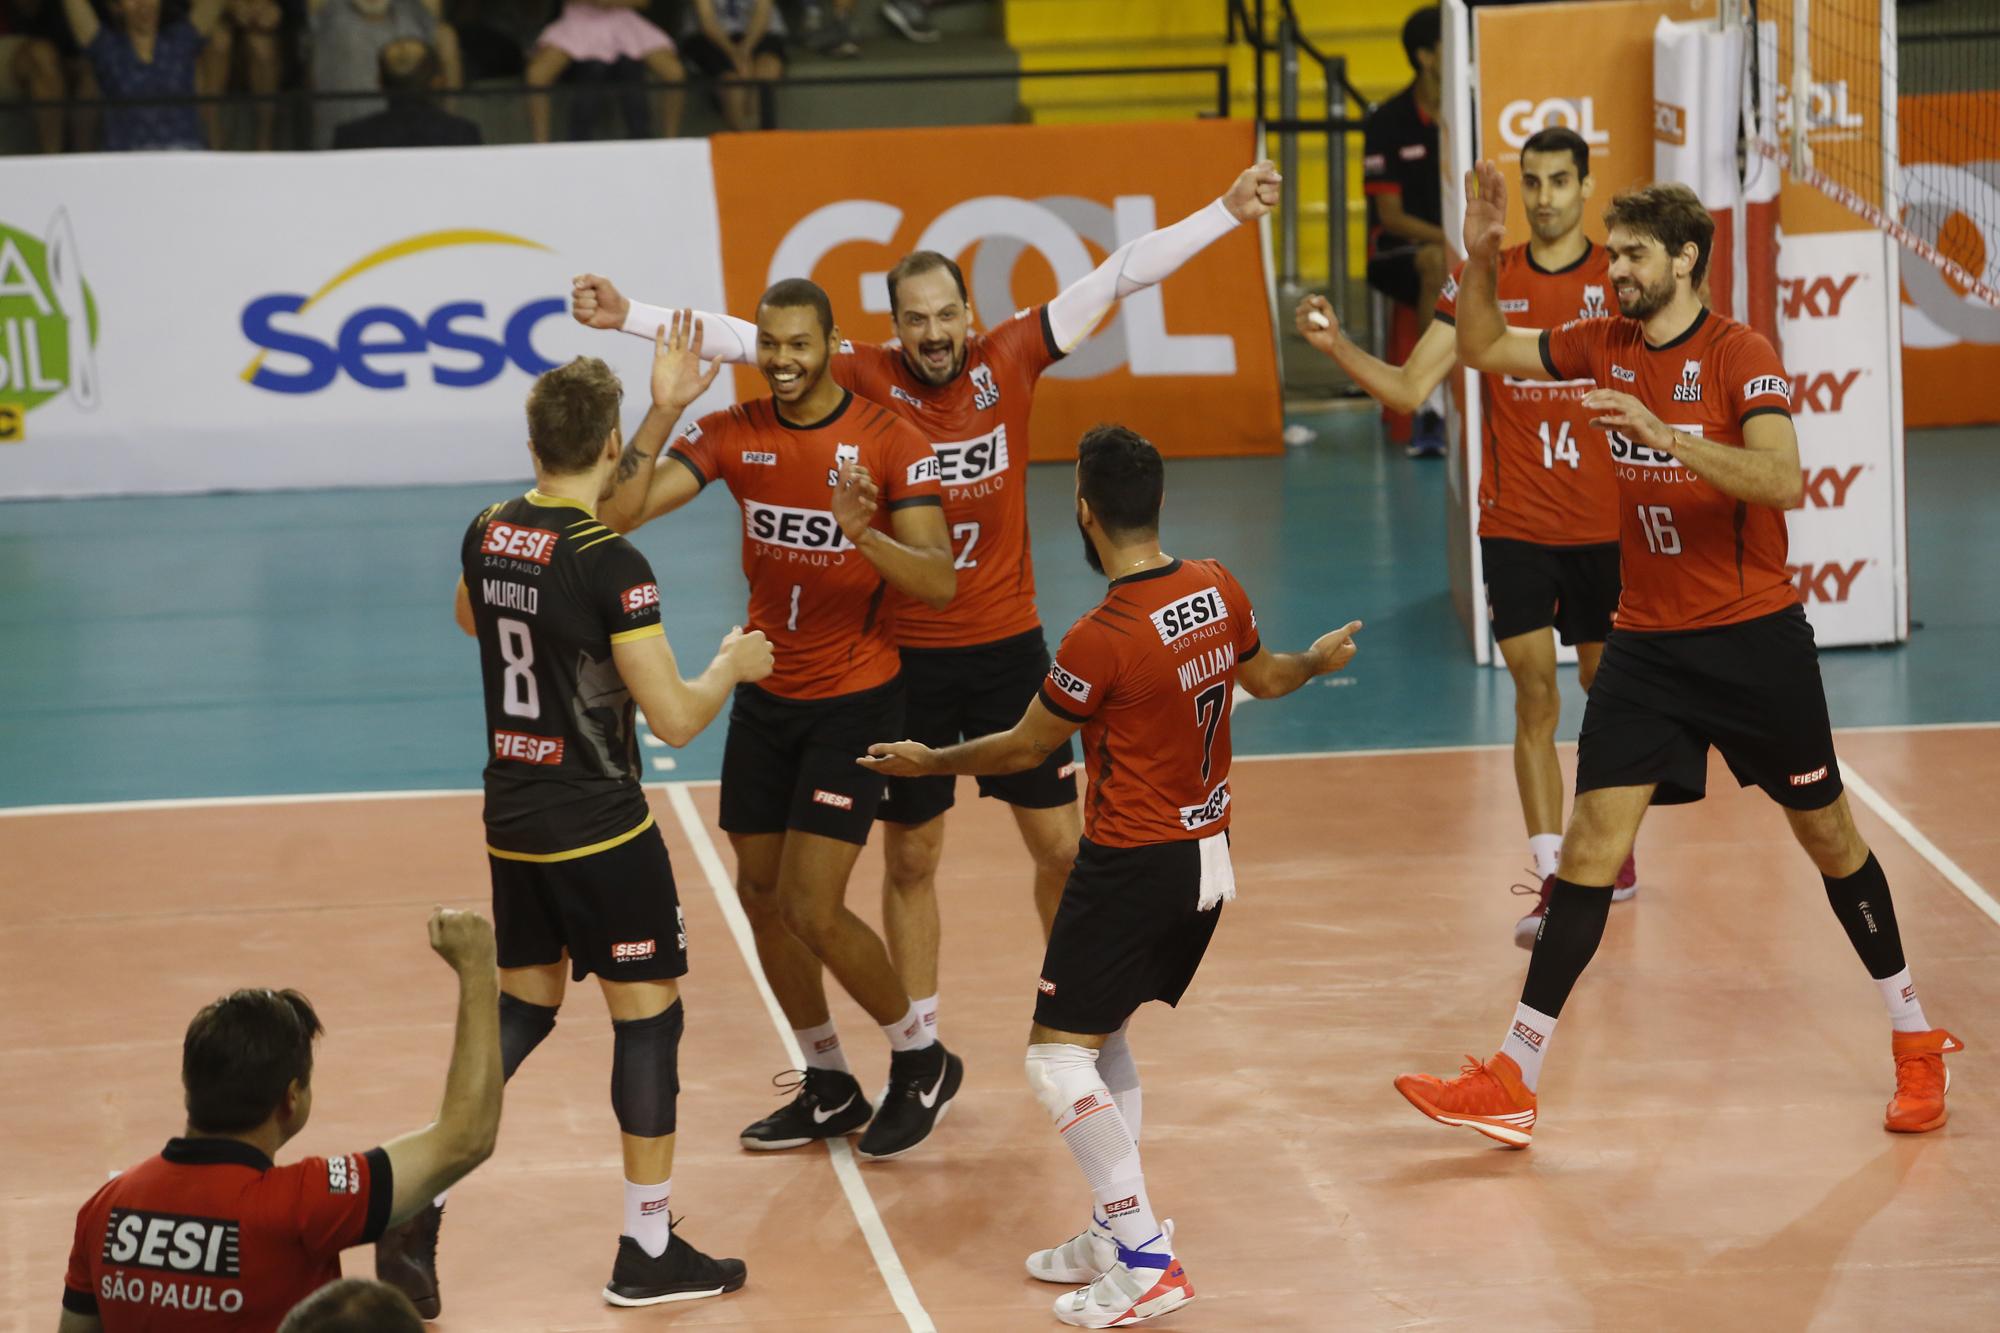 Saque desequilibra para os paulistas na semifinal da Superliga masculina 28ac51d3ce23d